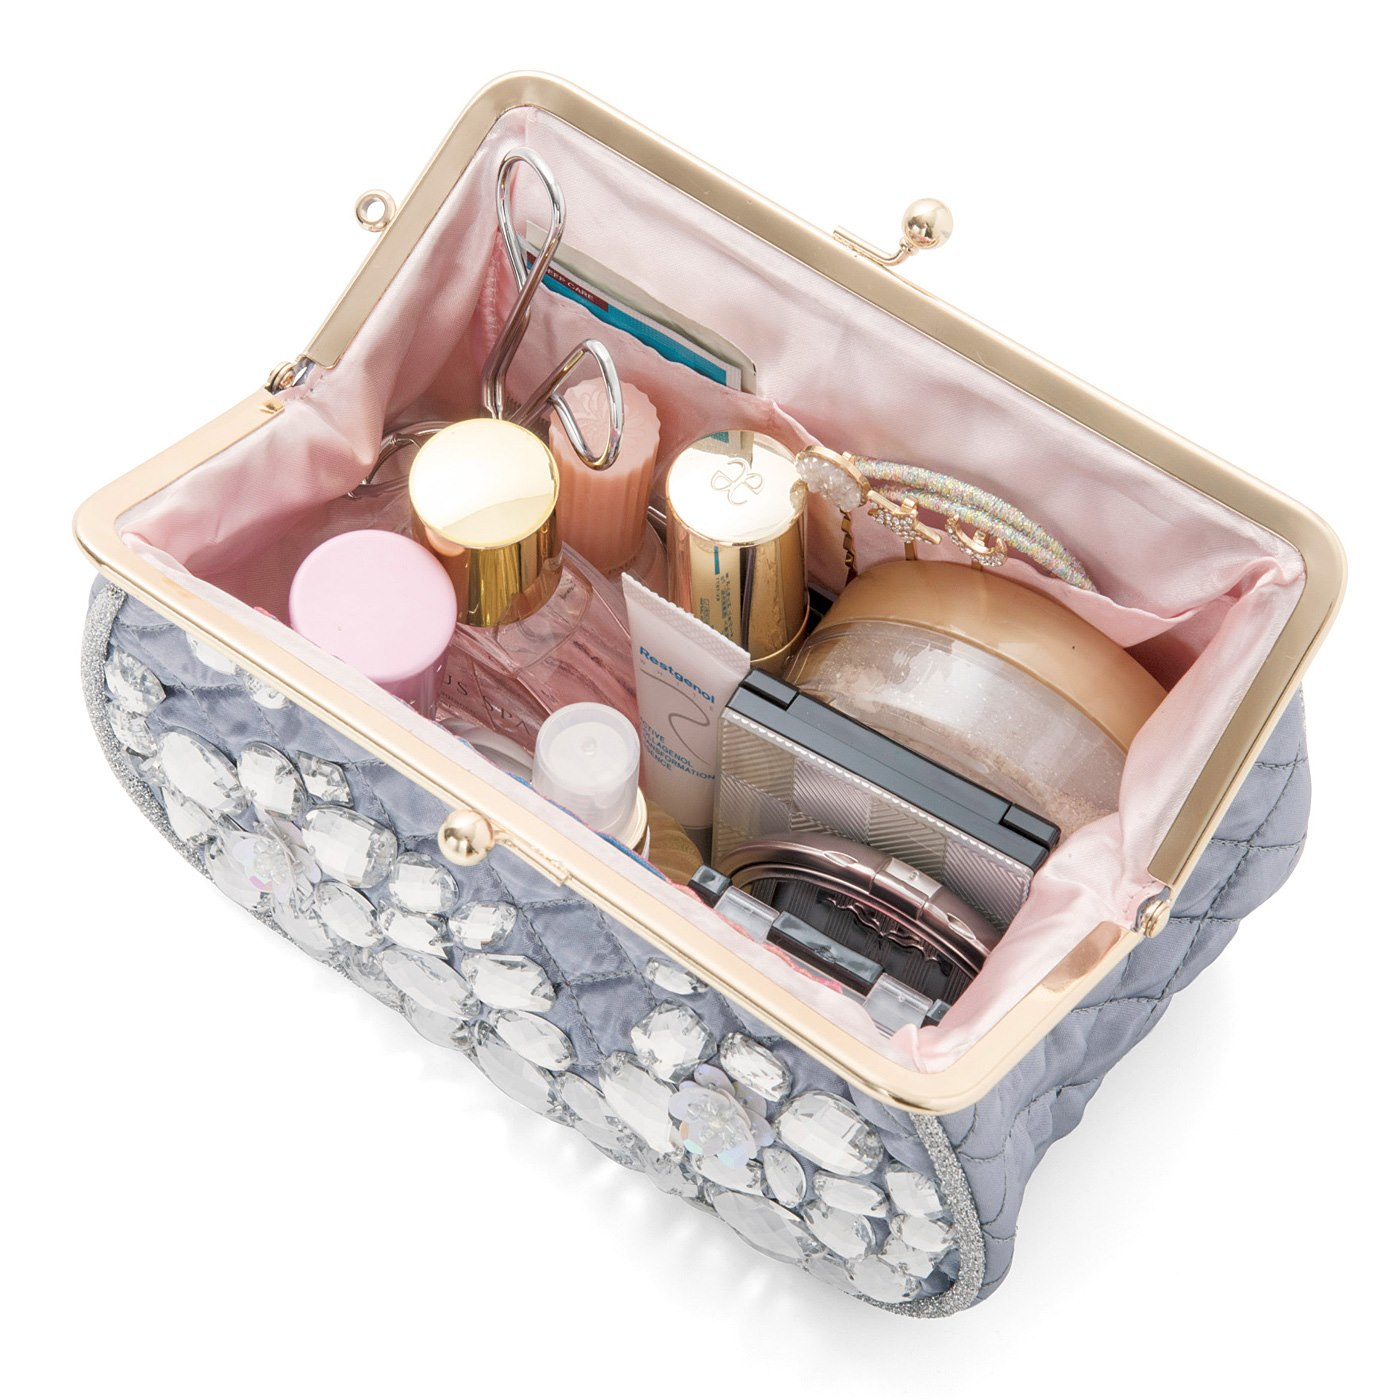 がま口でガバッと開いて、大きめのものも収納可能。内側にはポケットがふたつ。